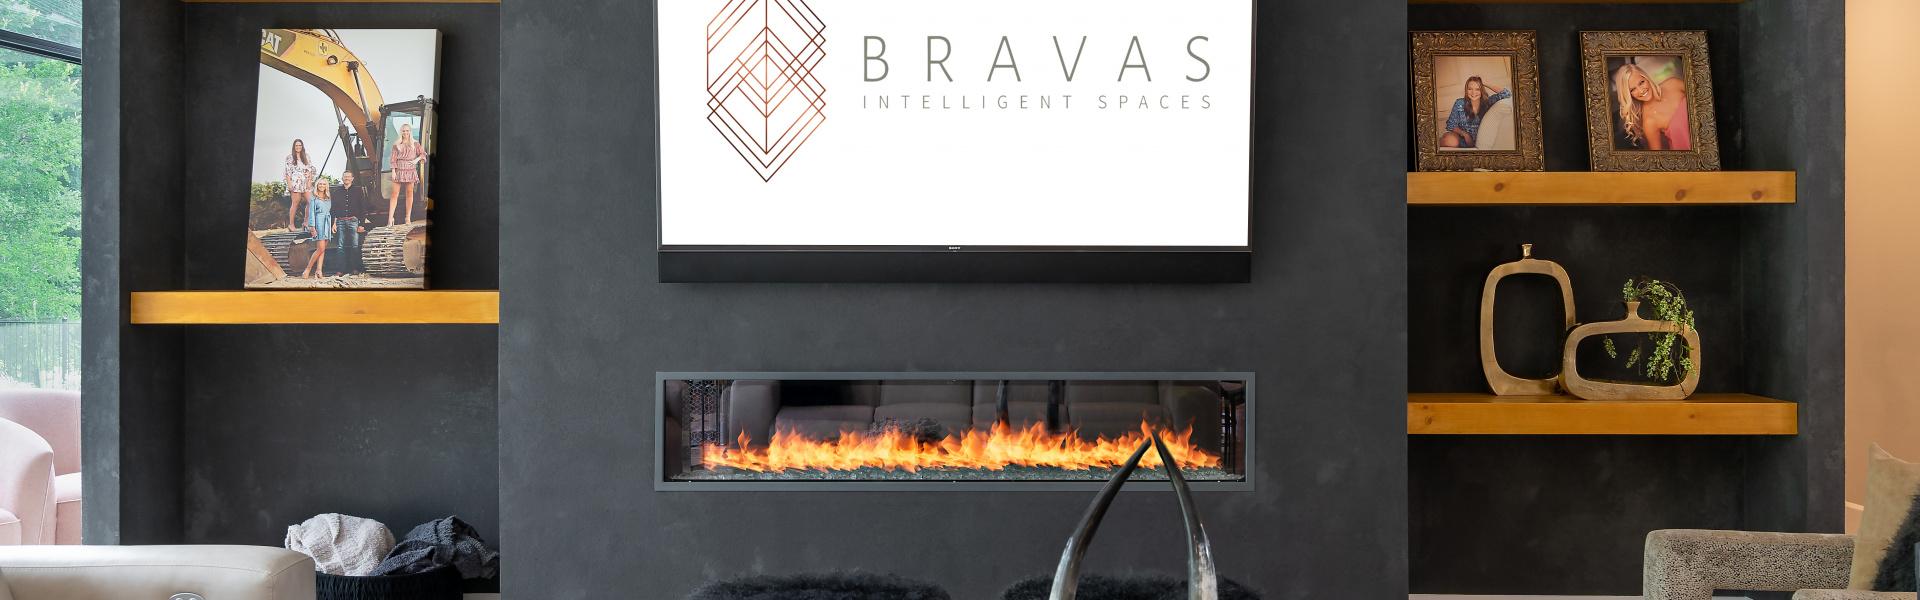 Smart home installation by Bravas for Dallas